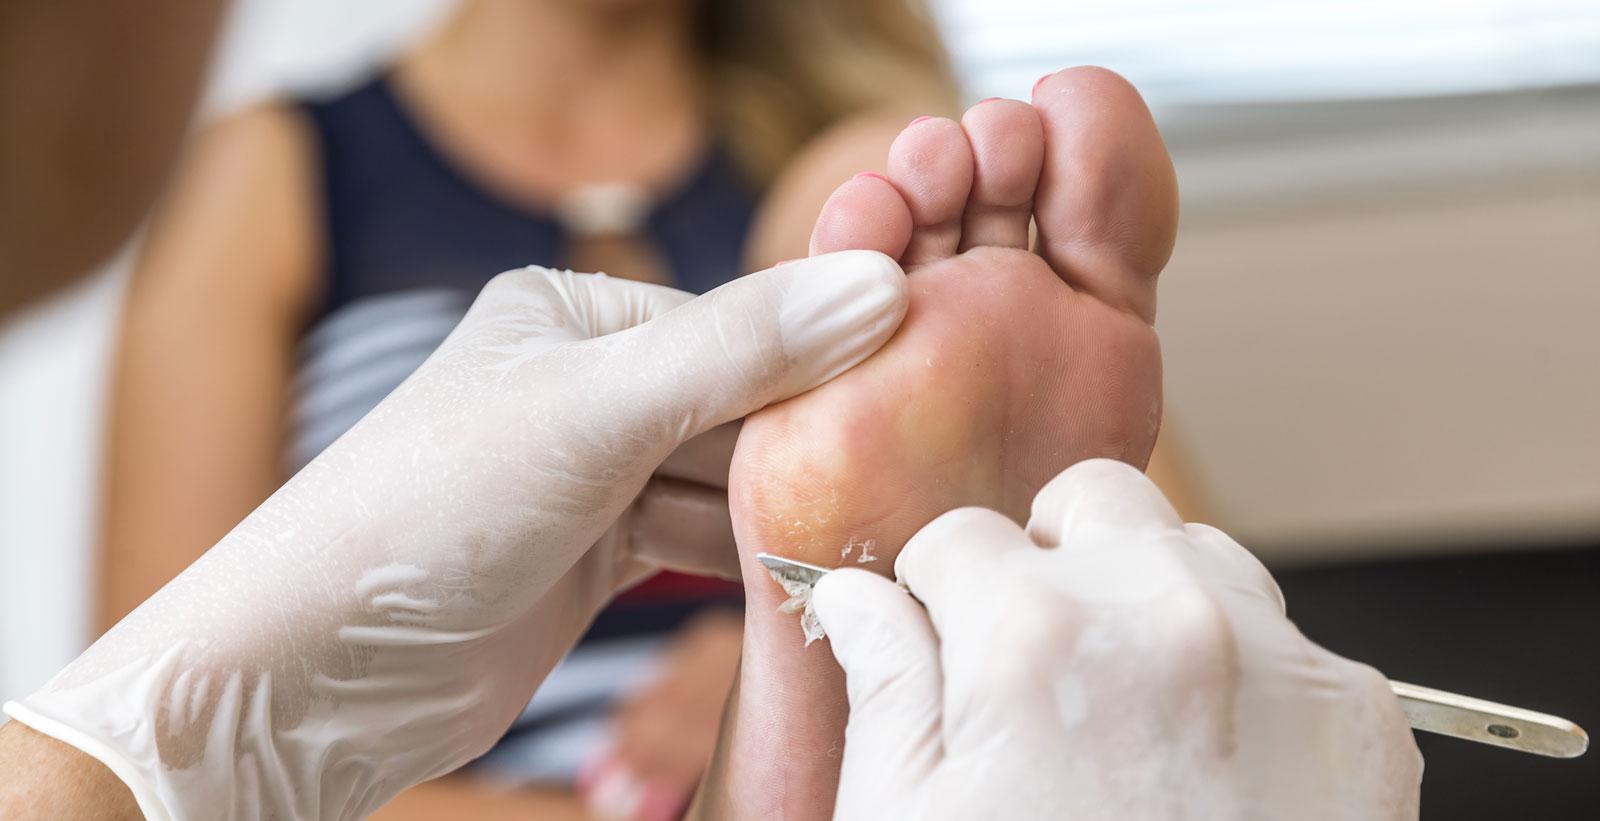 jalkahoito kovettumien hoitaminen